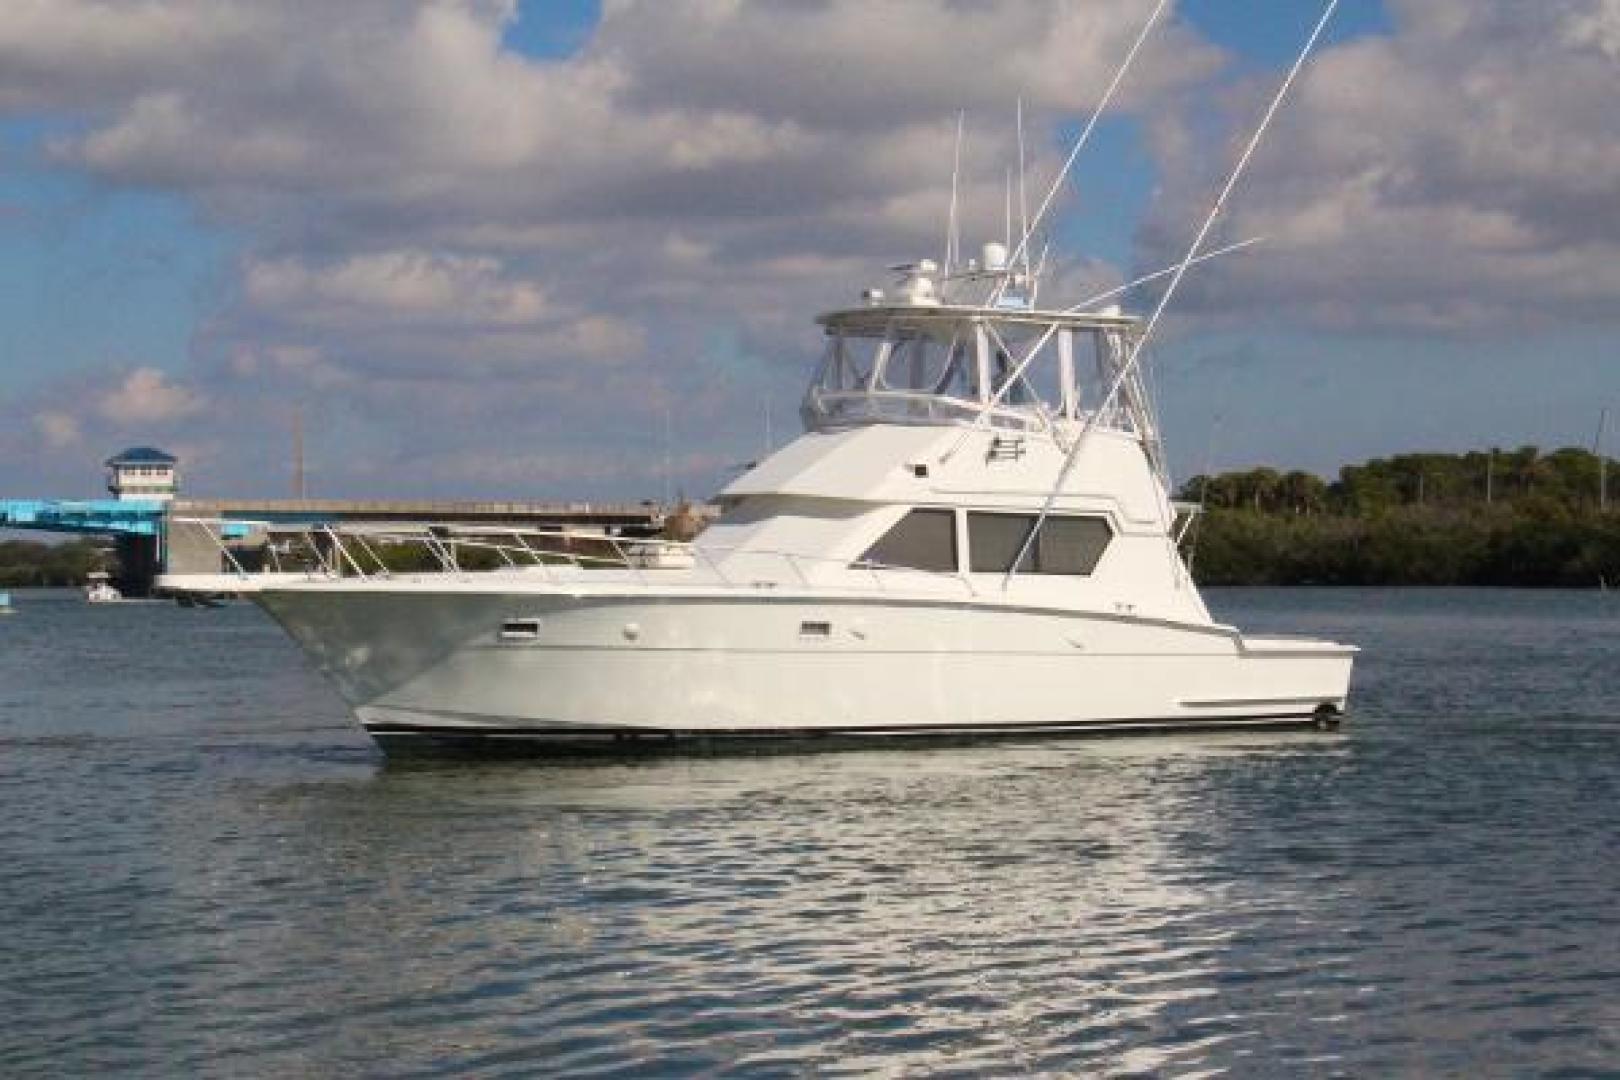 48' Hatteras Sportfish